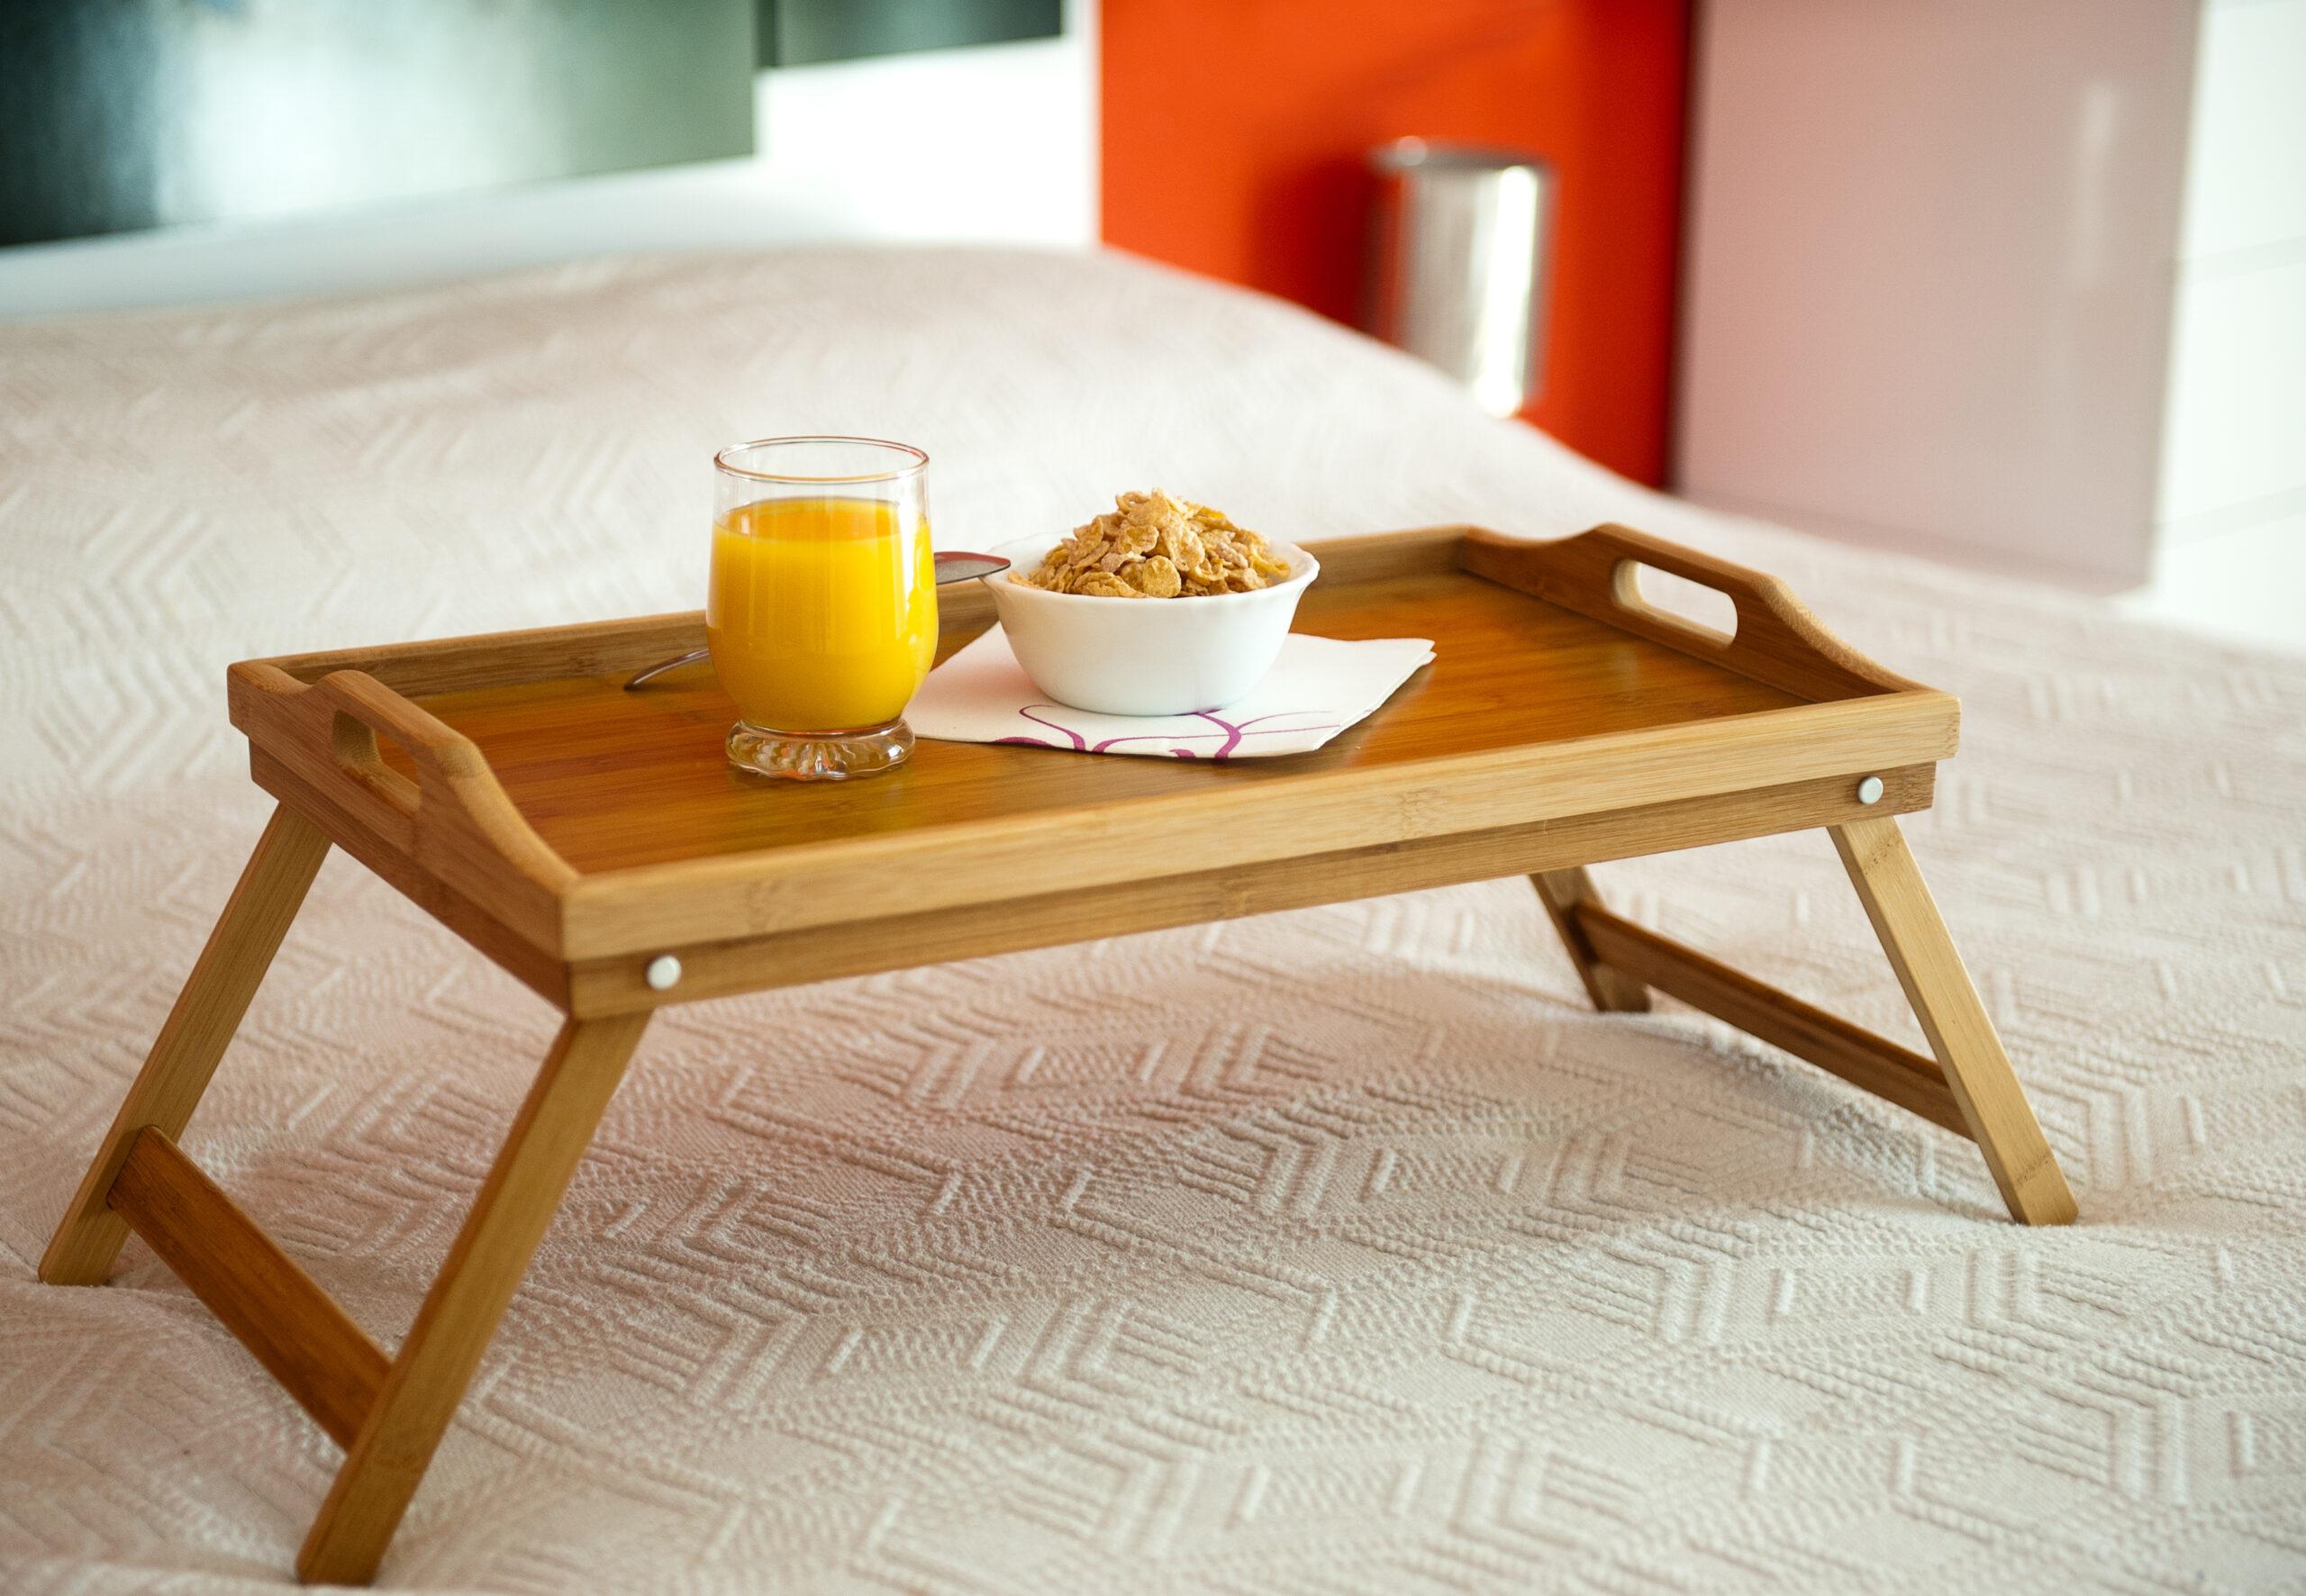 STYLE4|眠りにつく前の手仕事はベッドトレイの上で